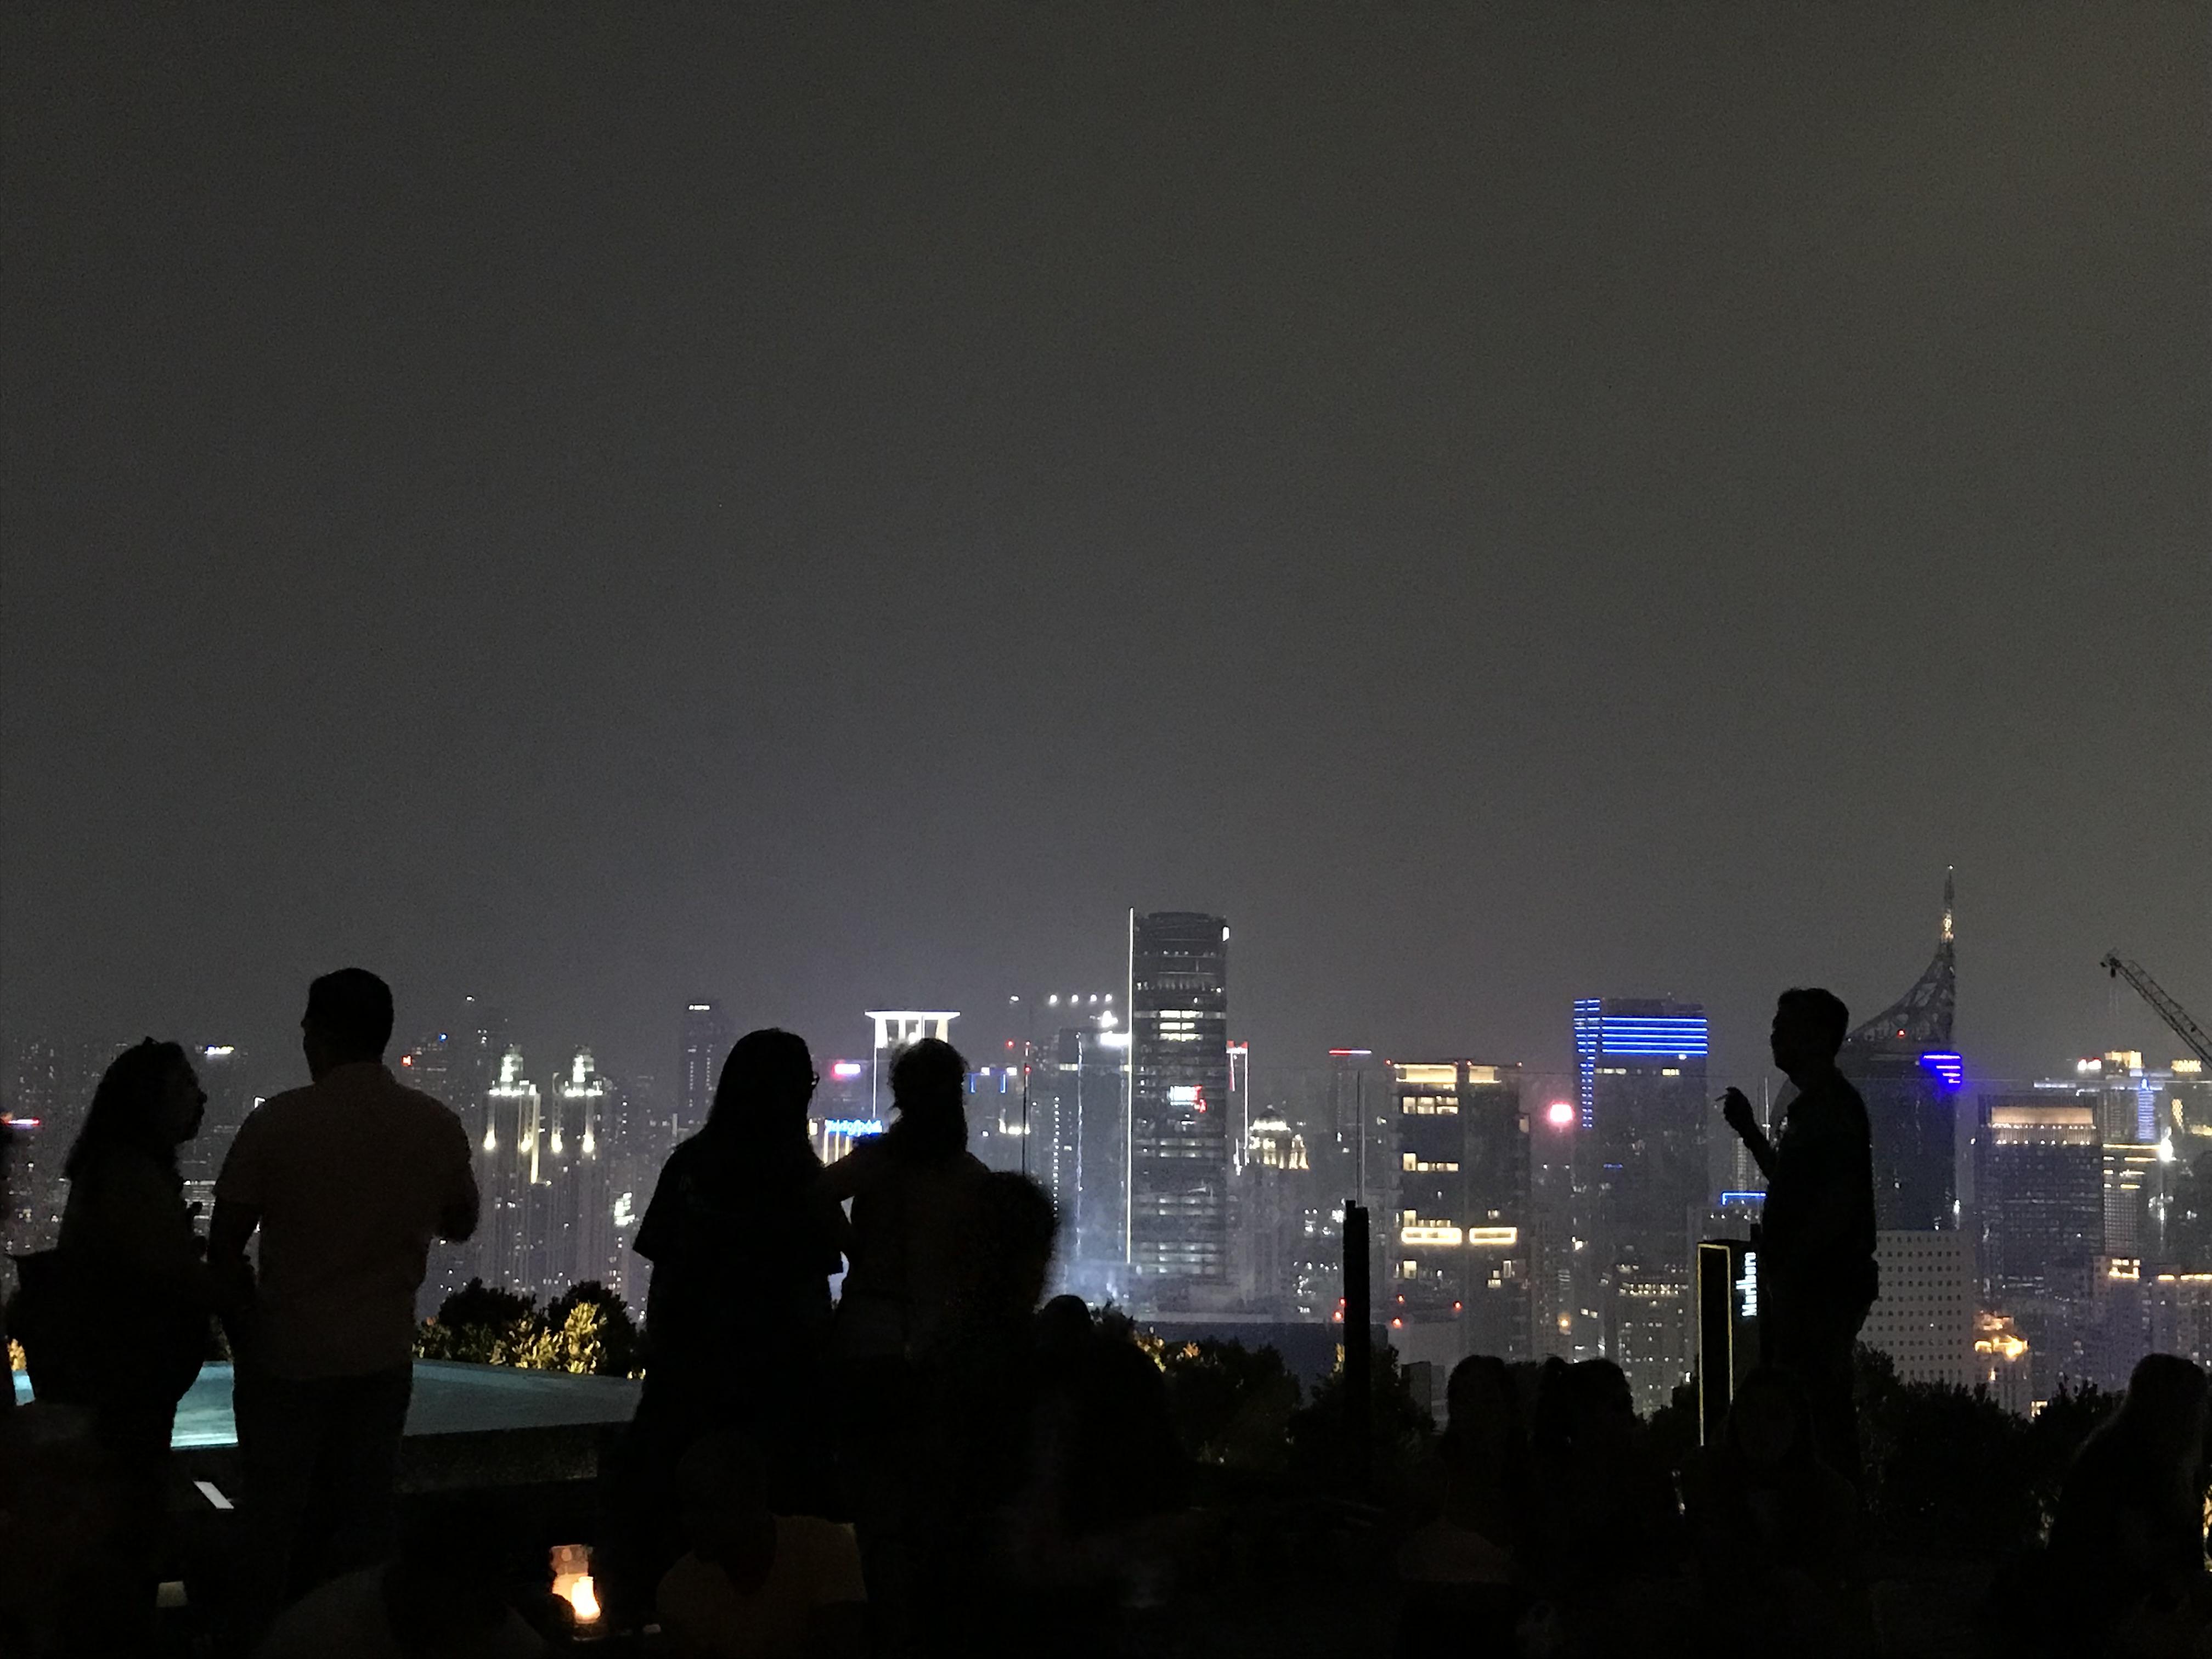 incontri expat a Jakarta SLC comico con velocità datazione